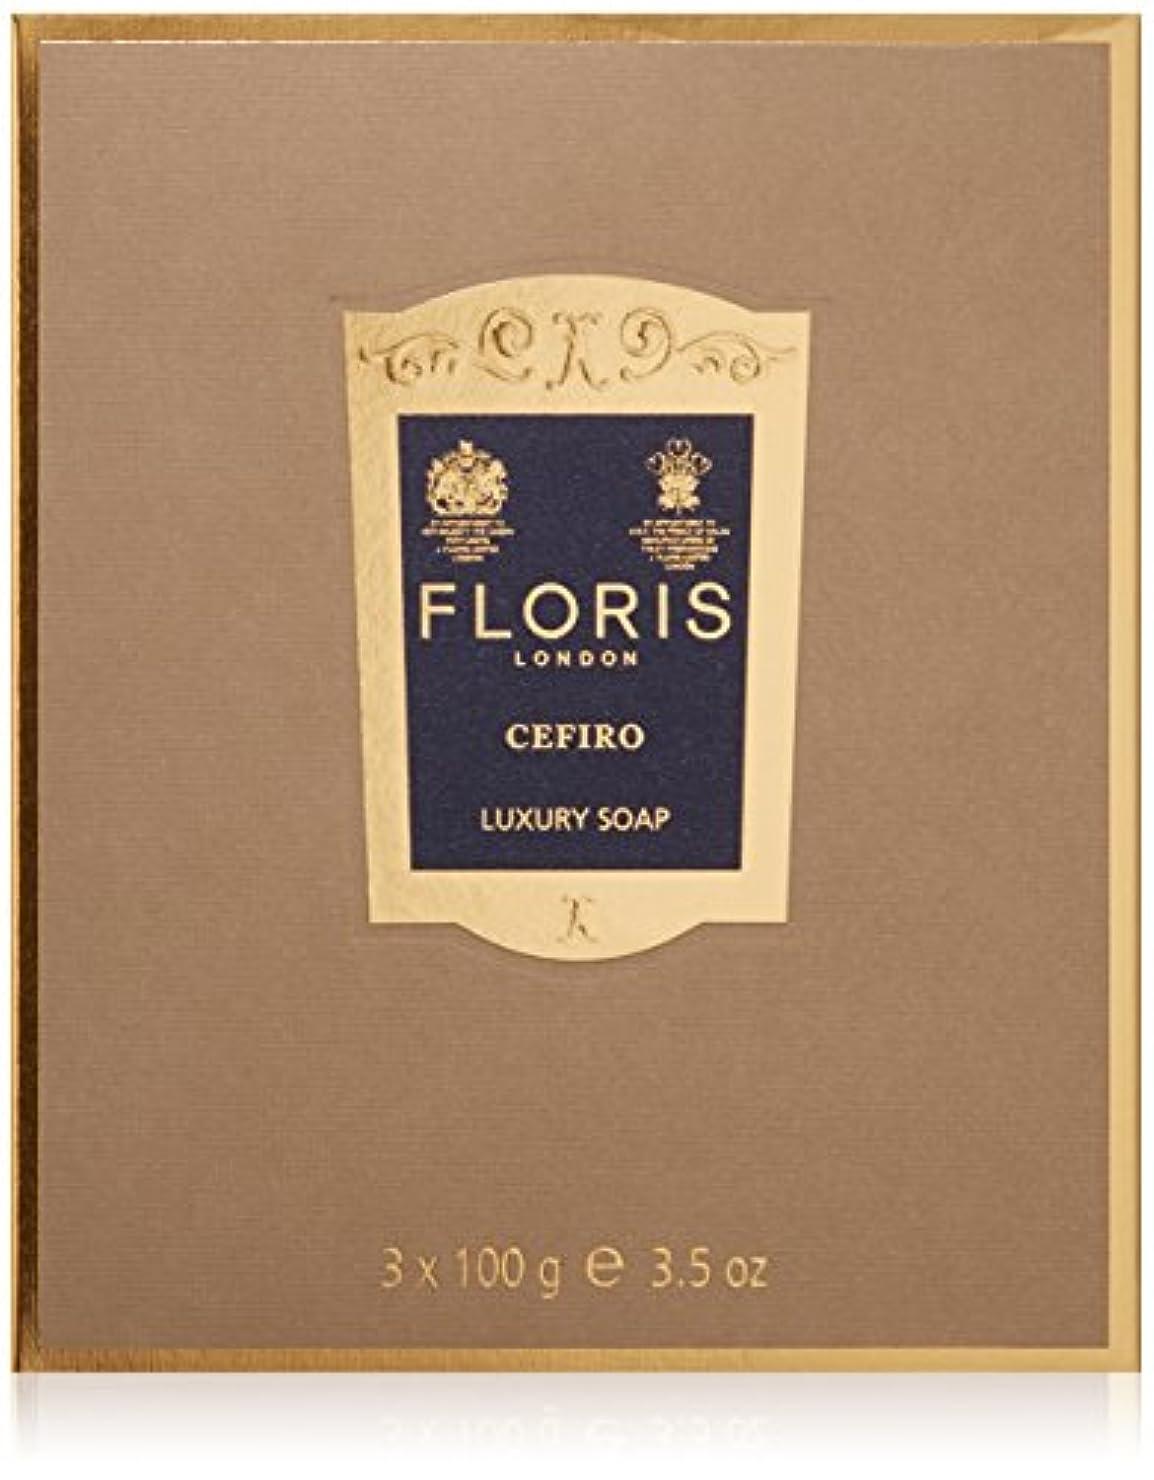 病気好きである円形フローリス ラグジュアリーソープCF(セフィーロ) 3x100g/3.5oz